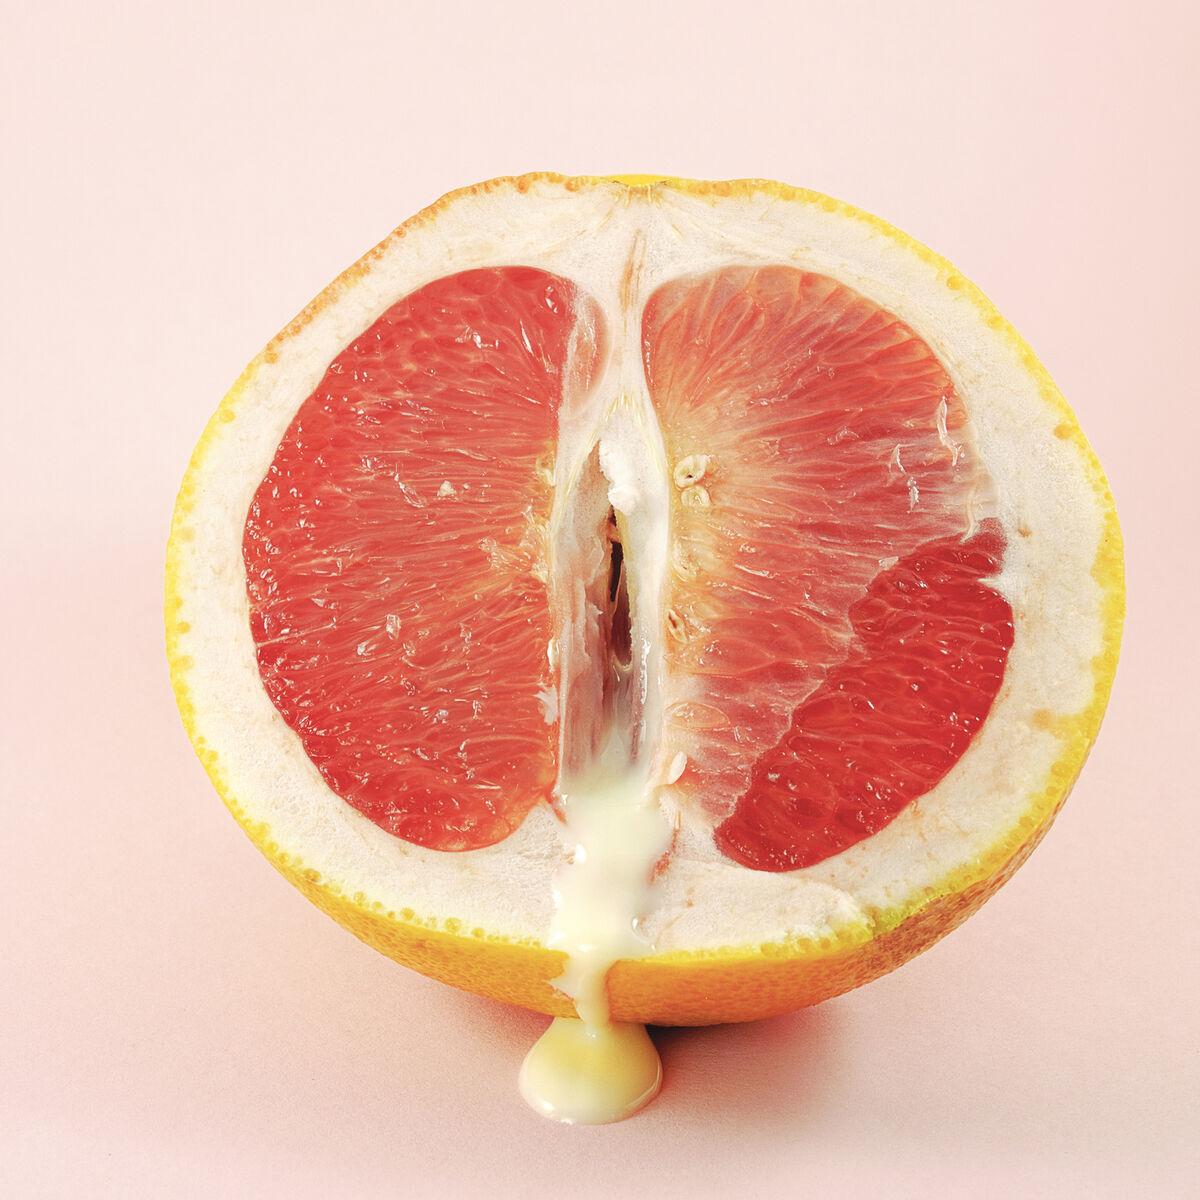 Ausfluss leicht oranger Leicht orangefarbener